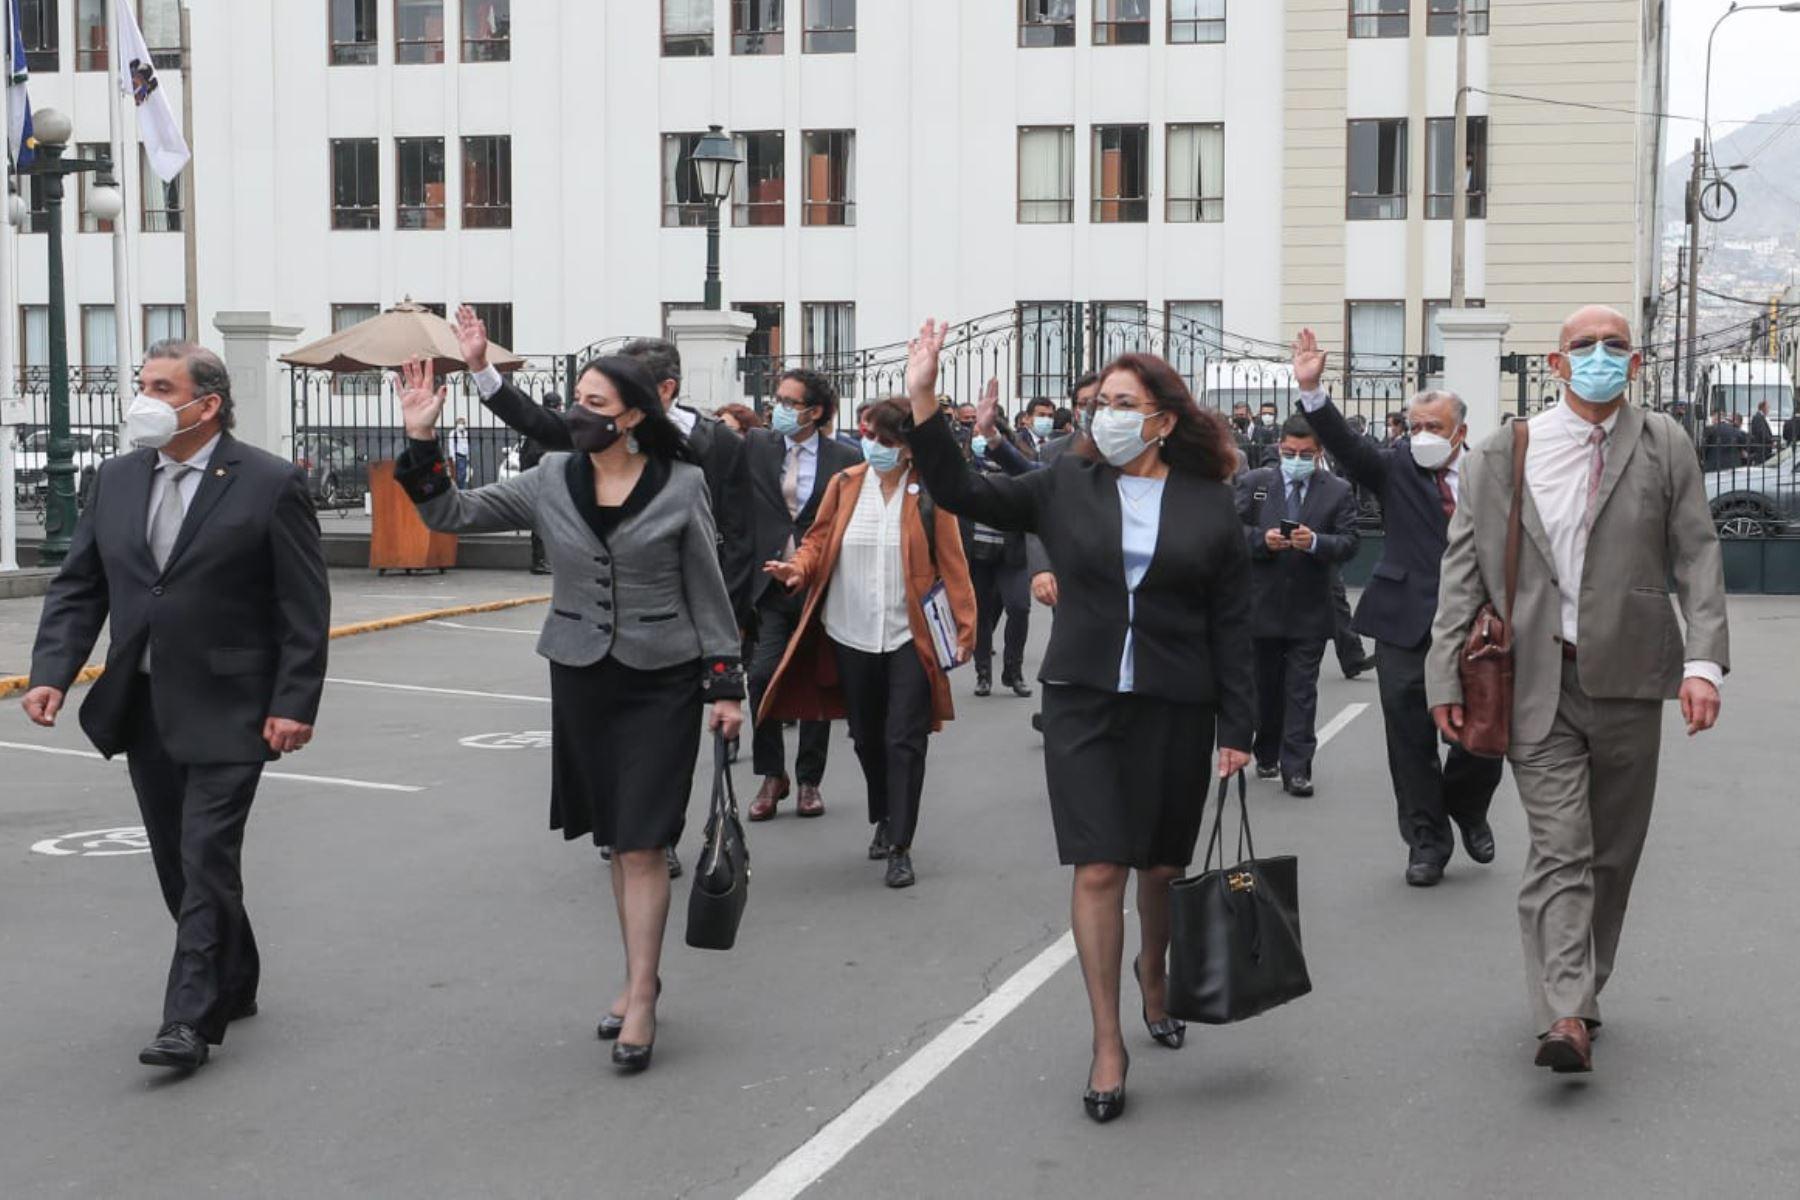 La presidenta del Consejo de Ministros, Violeta Bermúdez, y el Gabinete Ministerial llegaron al Congreso de la República  para solicitar el Voto De Confianza.   Foto: ANDINA/PCM